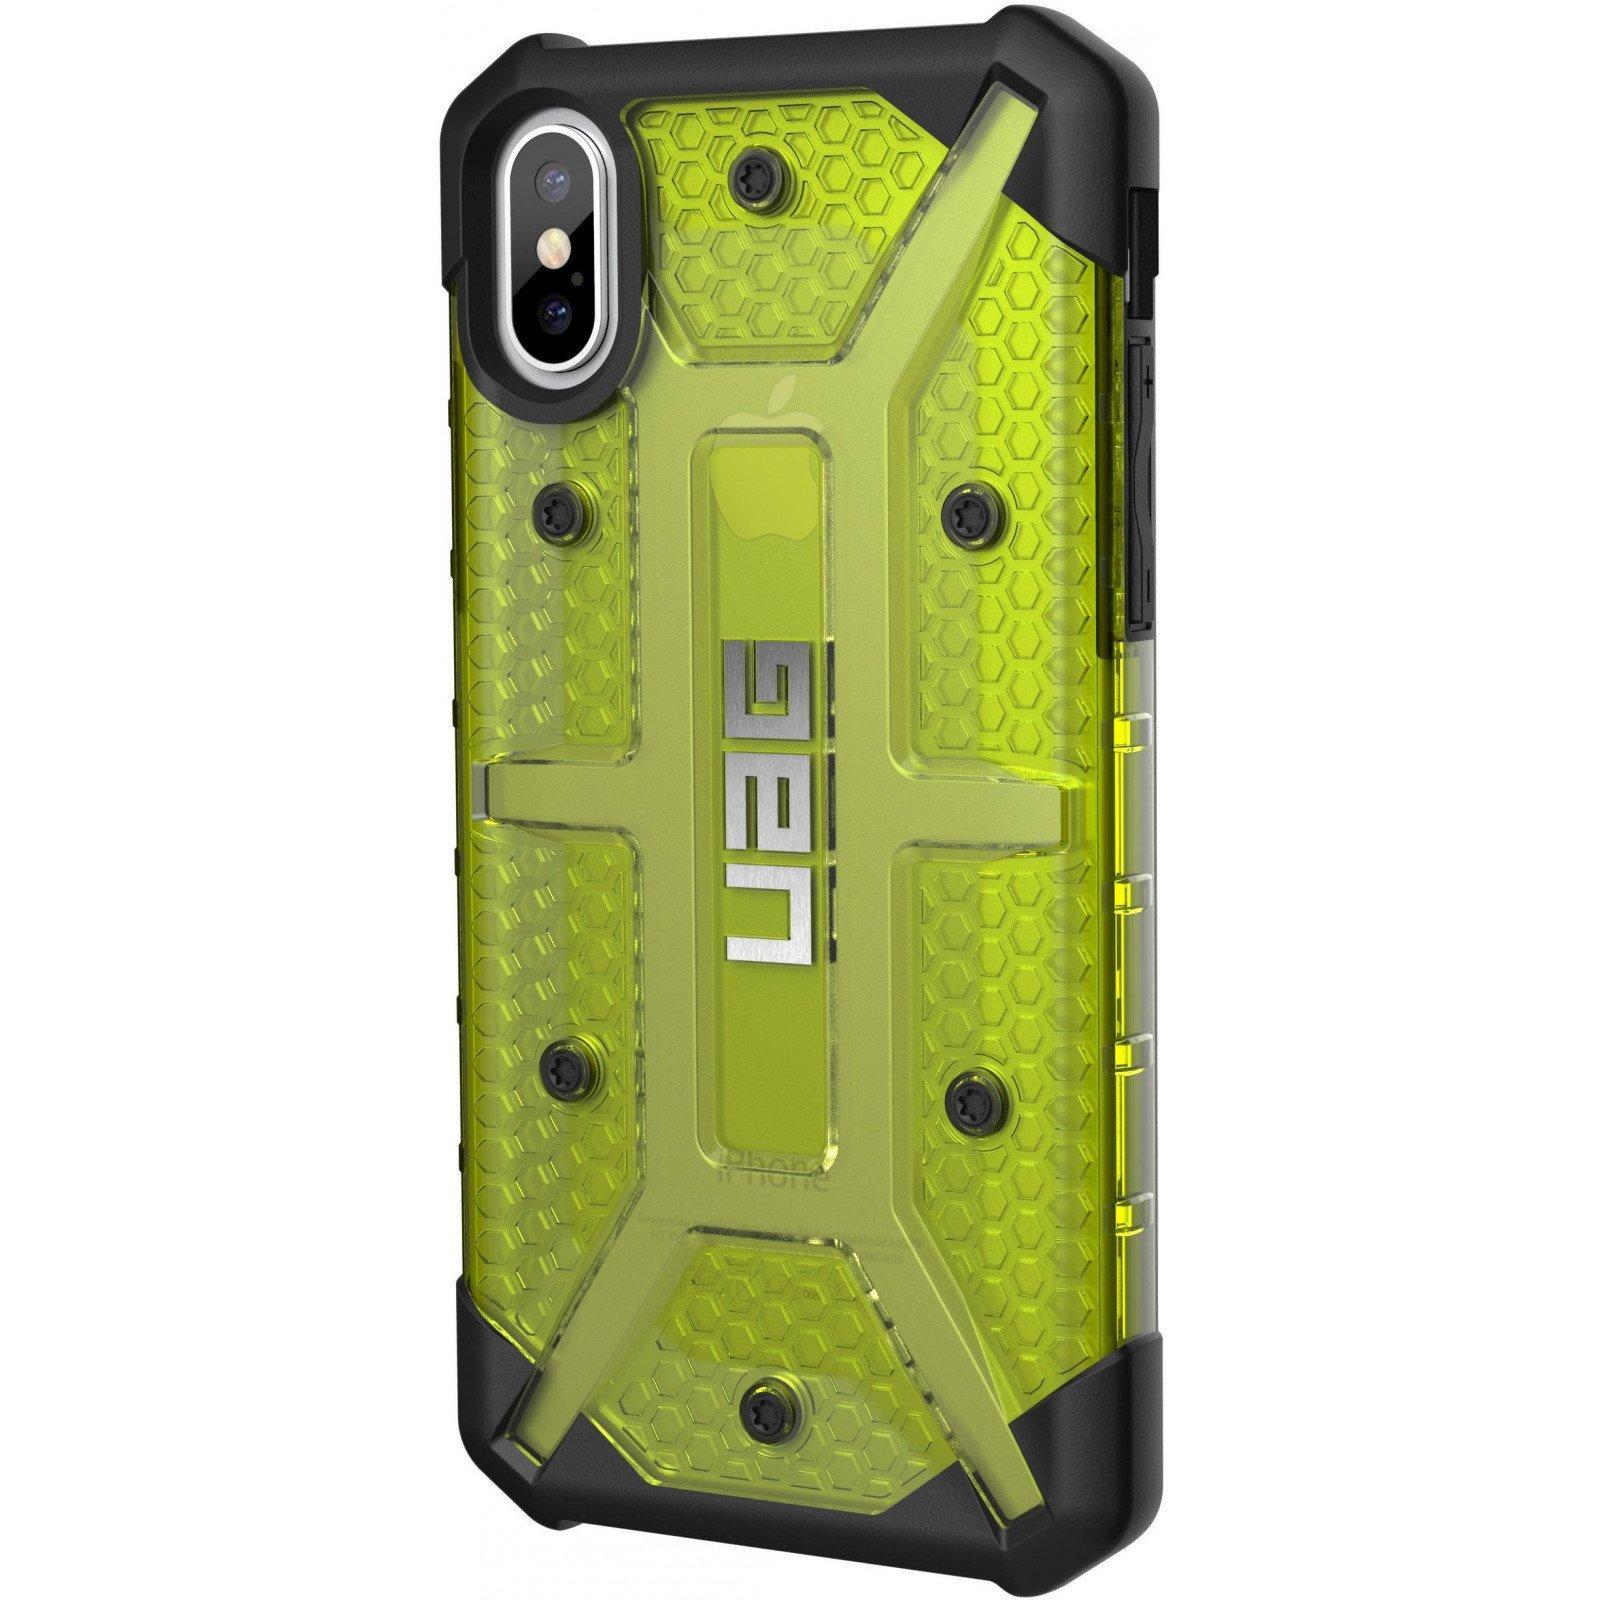 Чехол для моб. телефона Urban Armor Gear iPhone X Plasma Citron (IPHX-L-CT) изображение 4